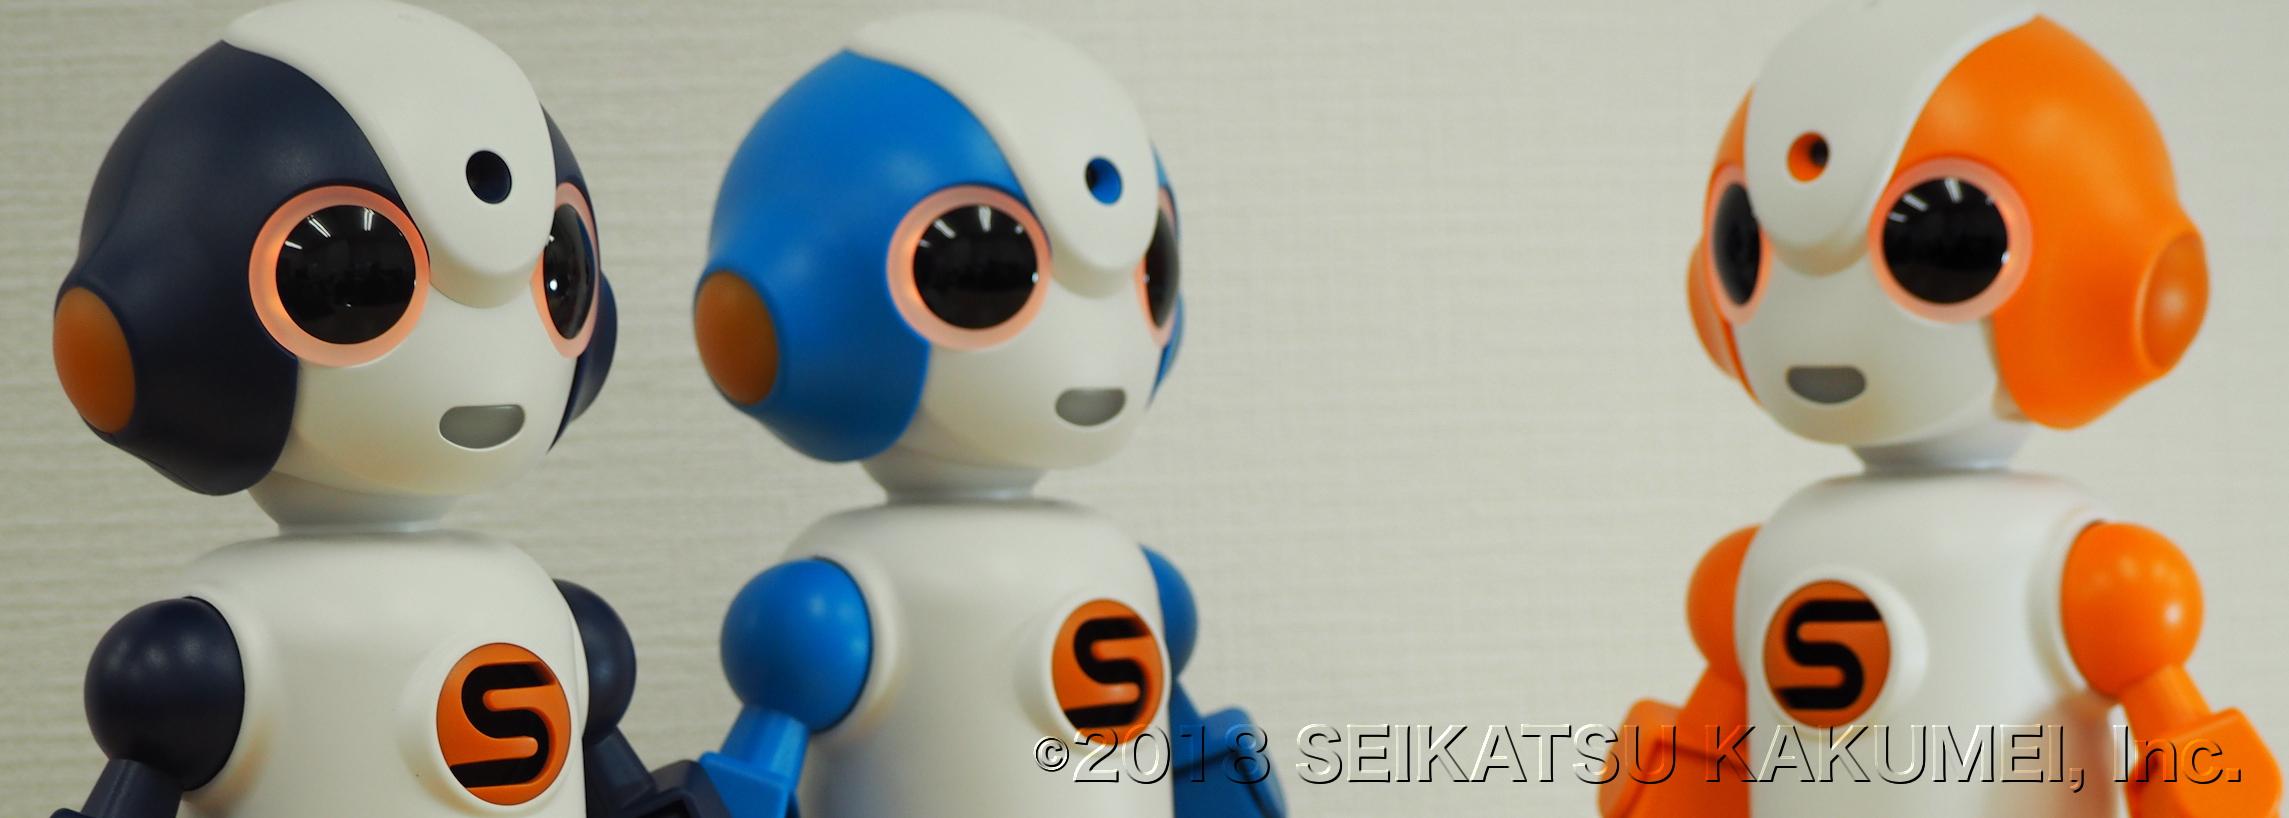 ロボット・Pepper(ペッパー)以外の小型ロボット(AIBO・アイボ・Sota・ソータ・TAPIAなど)をレンタルされたい方はコチラです。